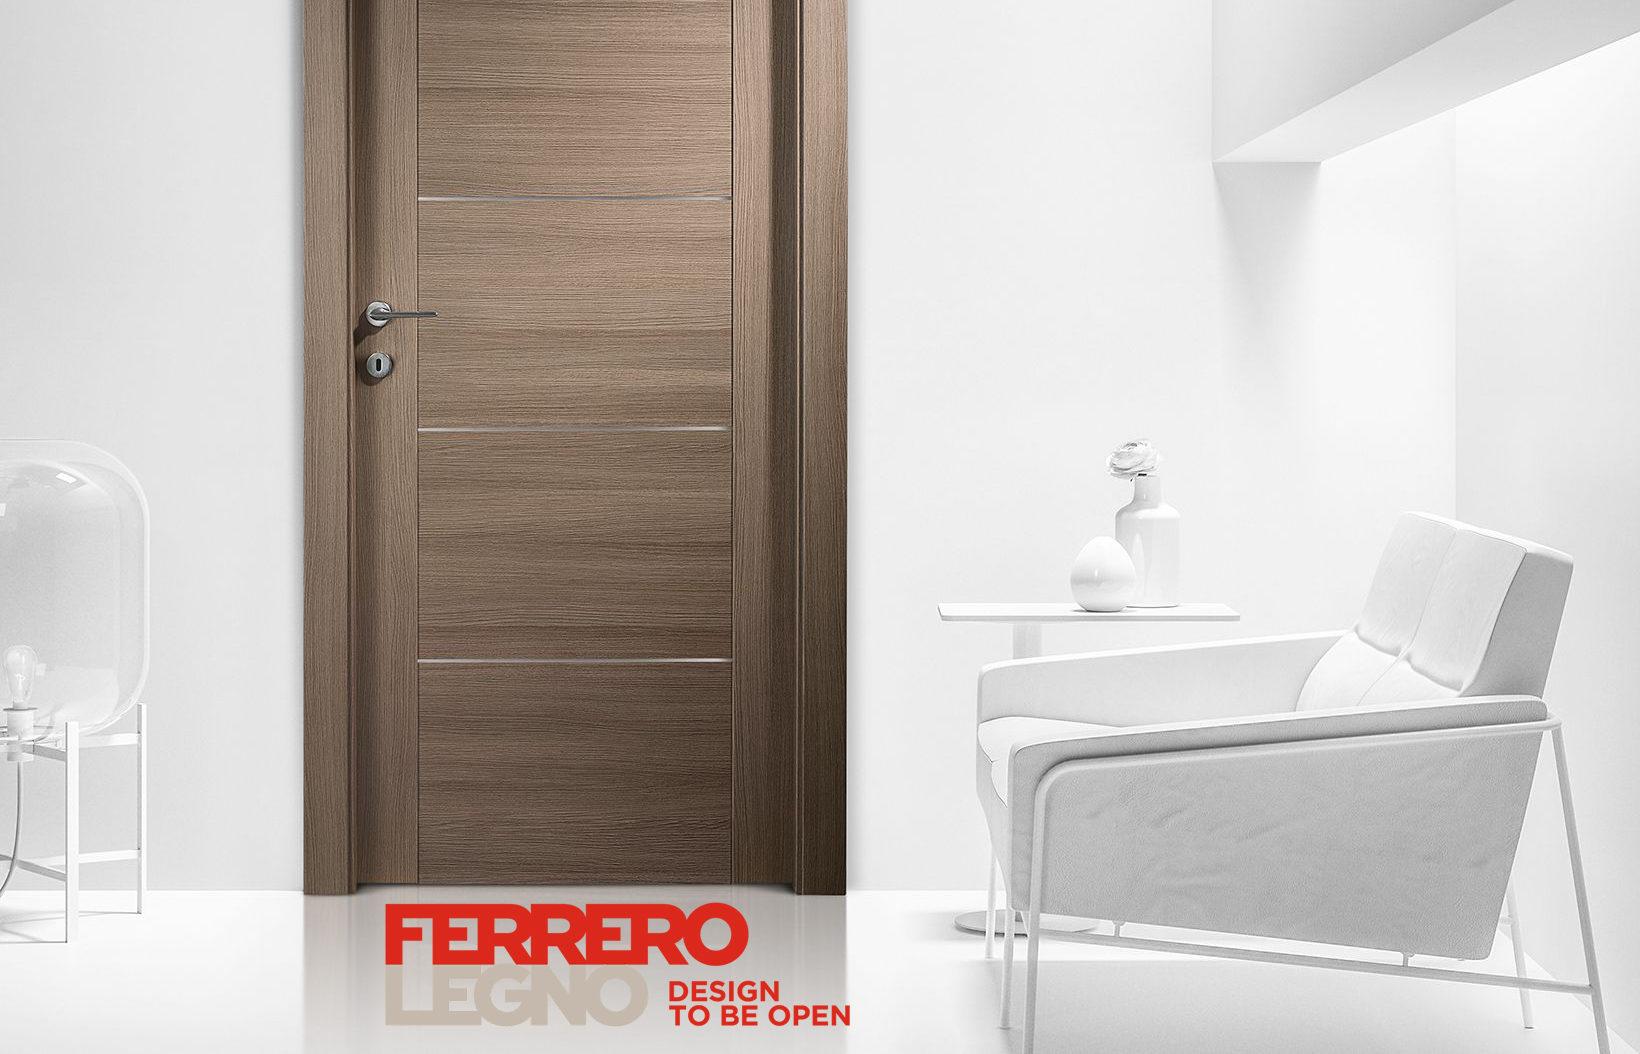 Porta Area/4 – FERRERO LEGNO